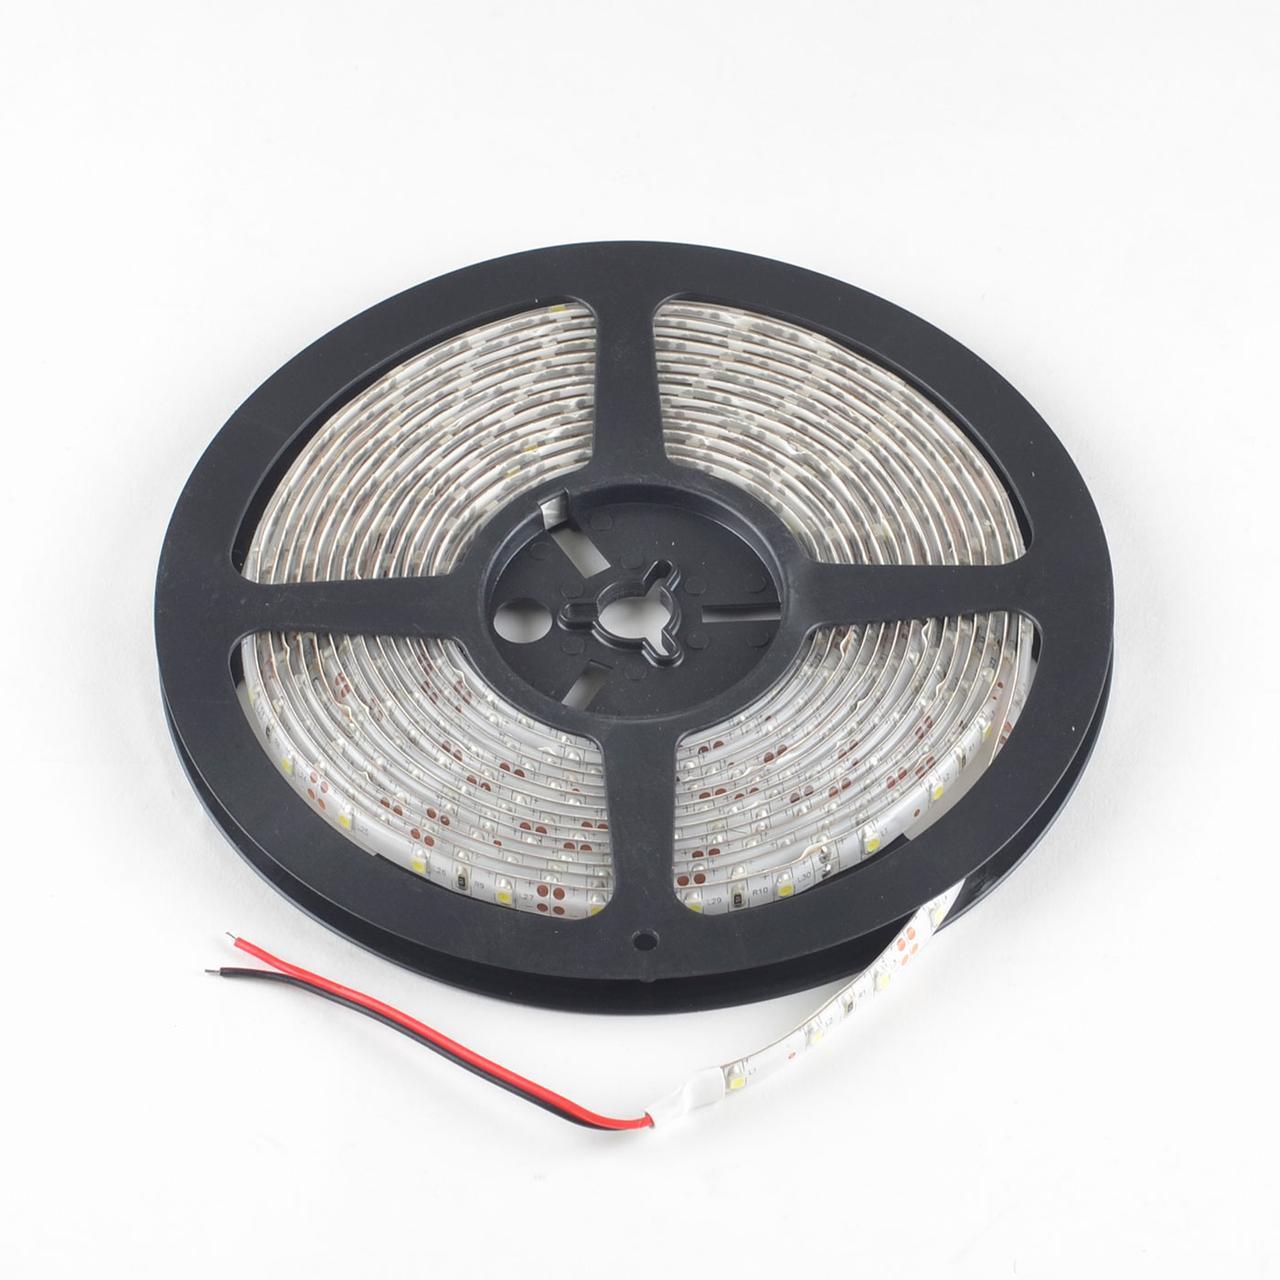 Светодиодная лента Venom Super Brightness 3526 60д.м. негерметичная Premium (VP-3528120600SB-W)